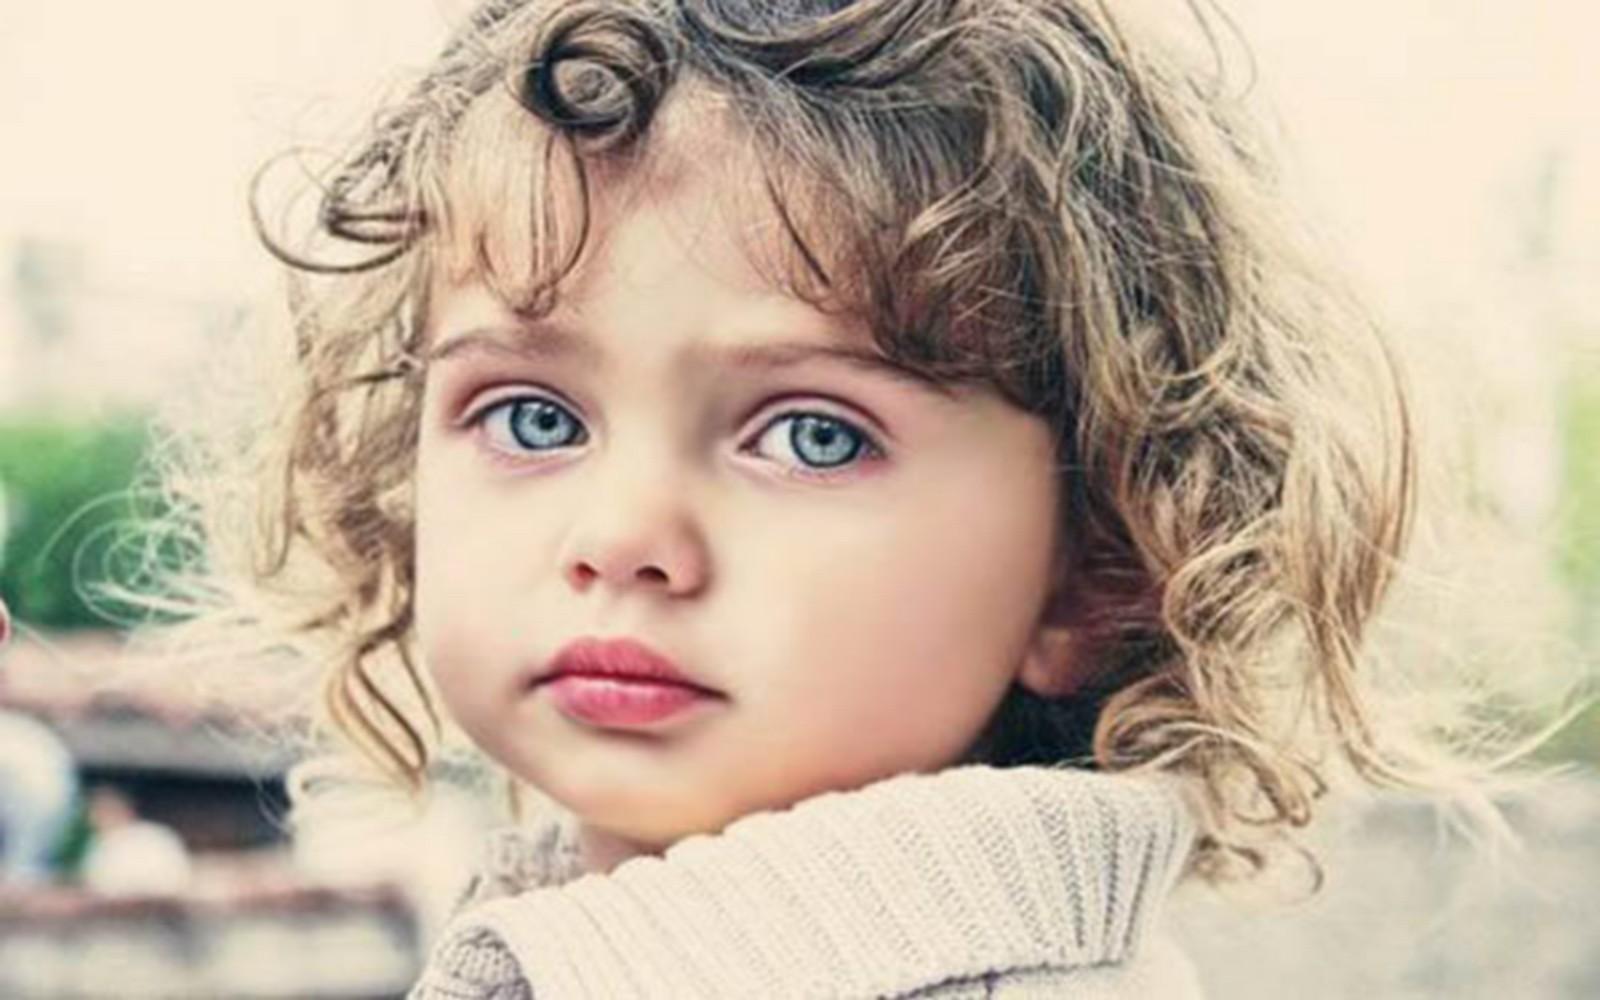 صور خلفيات اطفال , اجمل وارق الخلفيات 2019